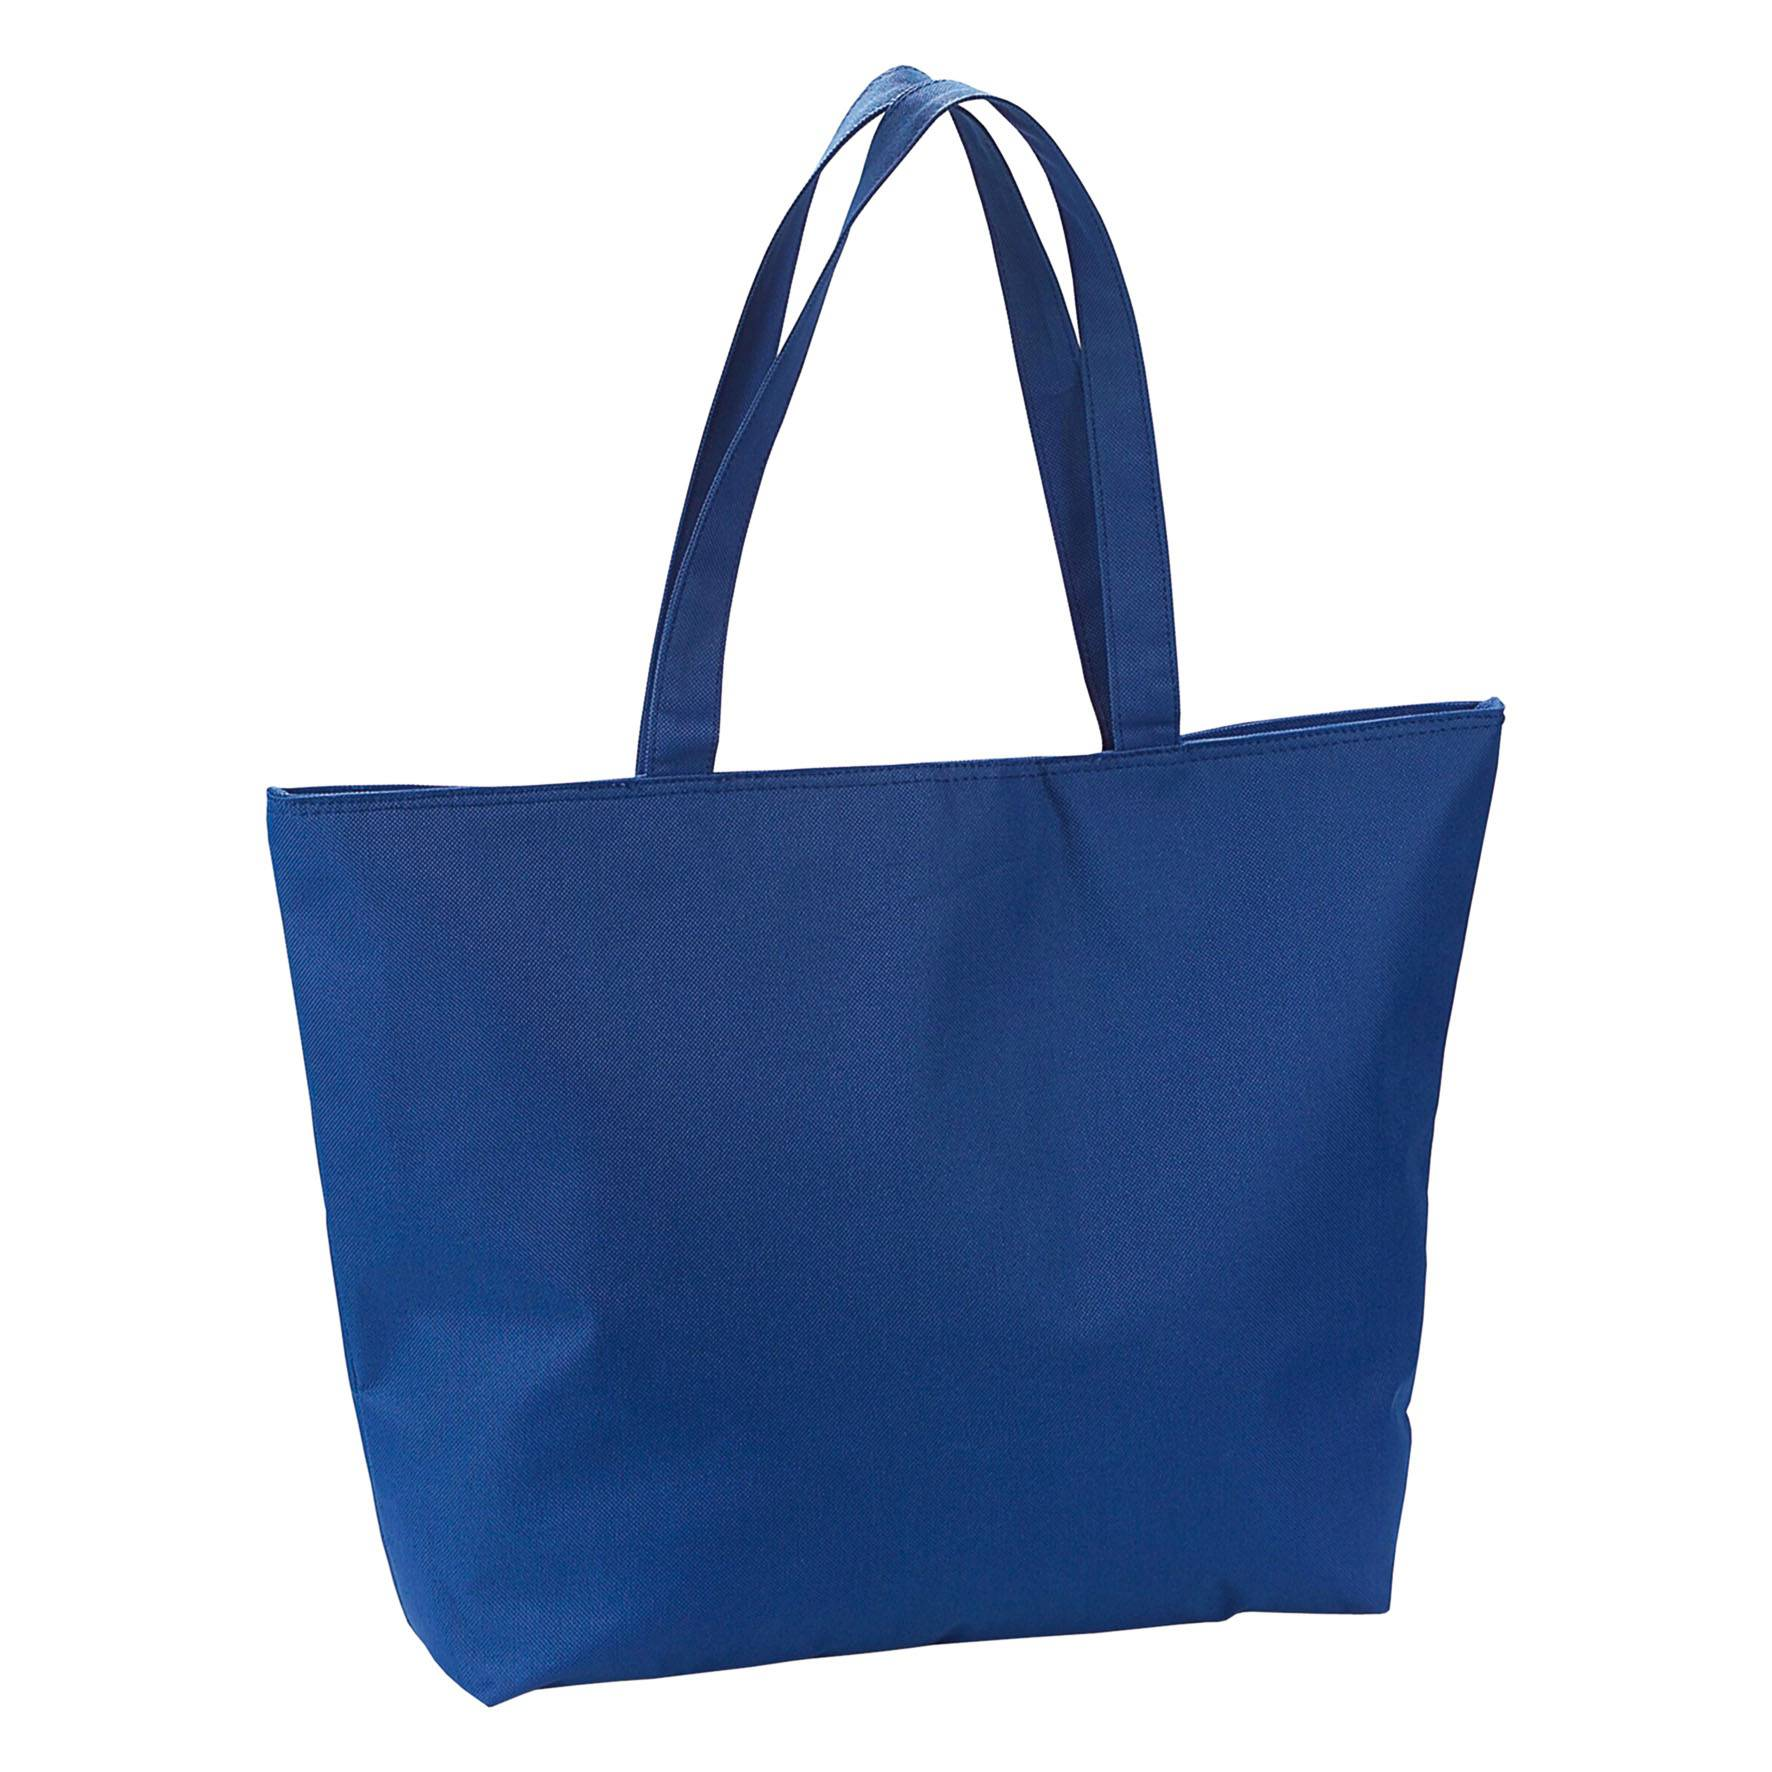 Cadeau publicitaire - Sac publicitaire isotherme Icebag- bleu